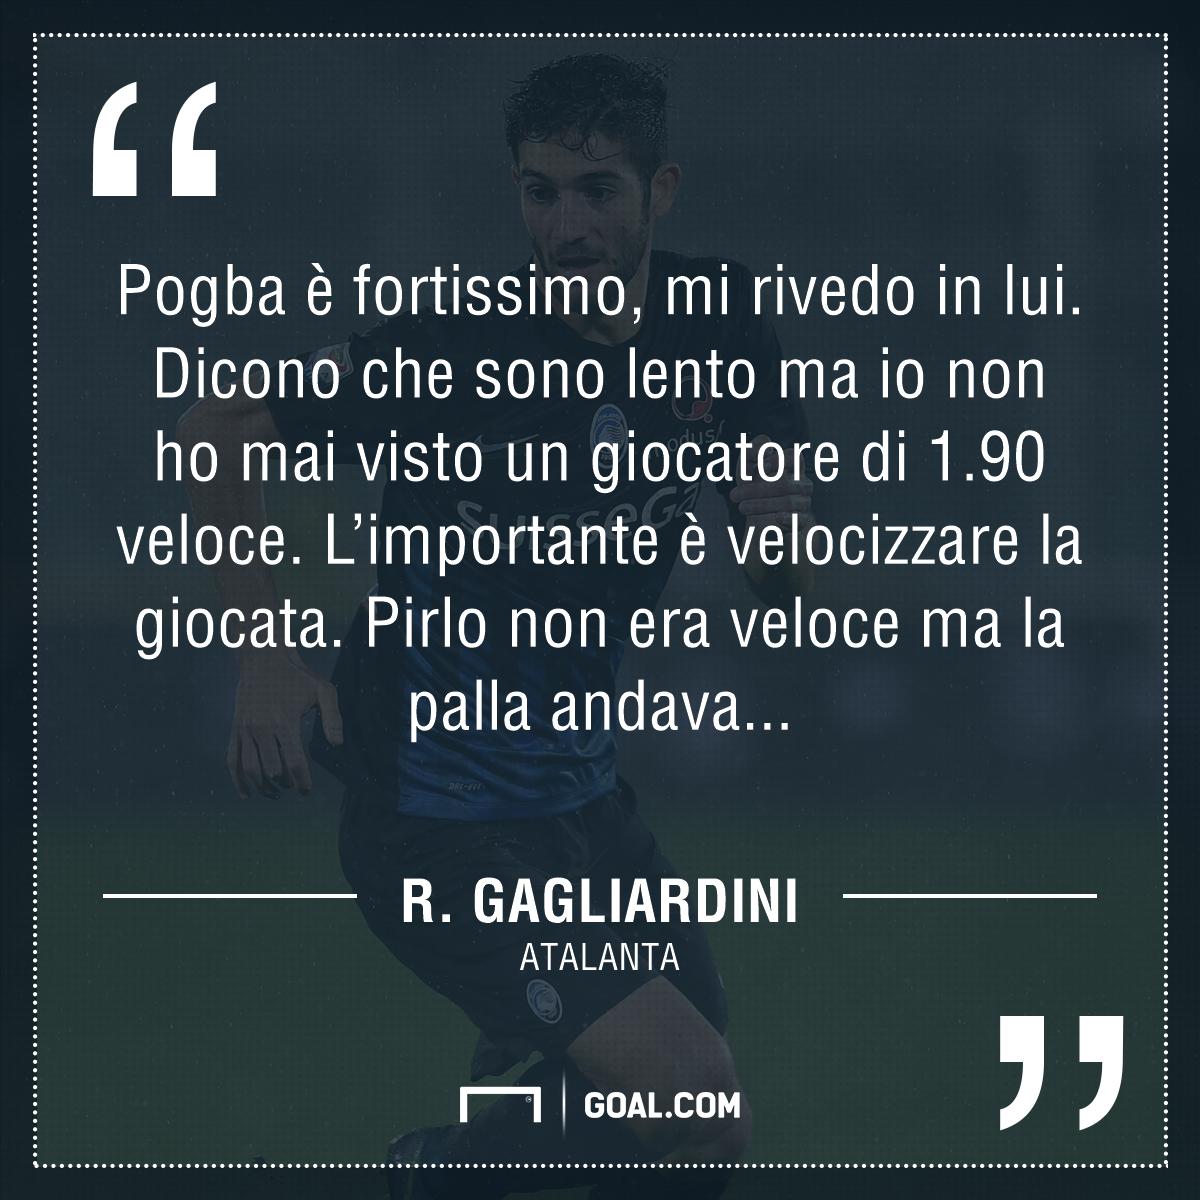 Gagliardini: